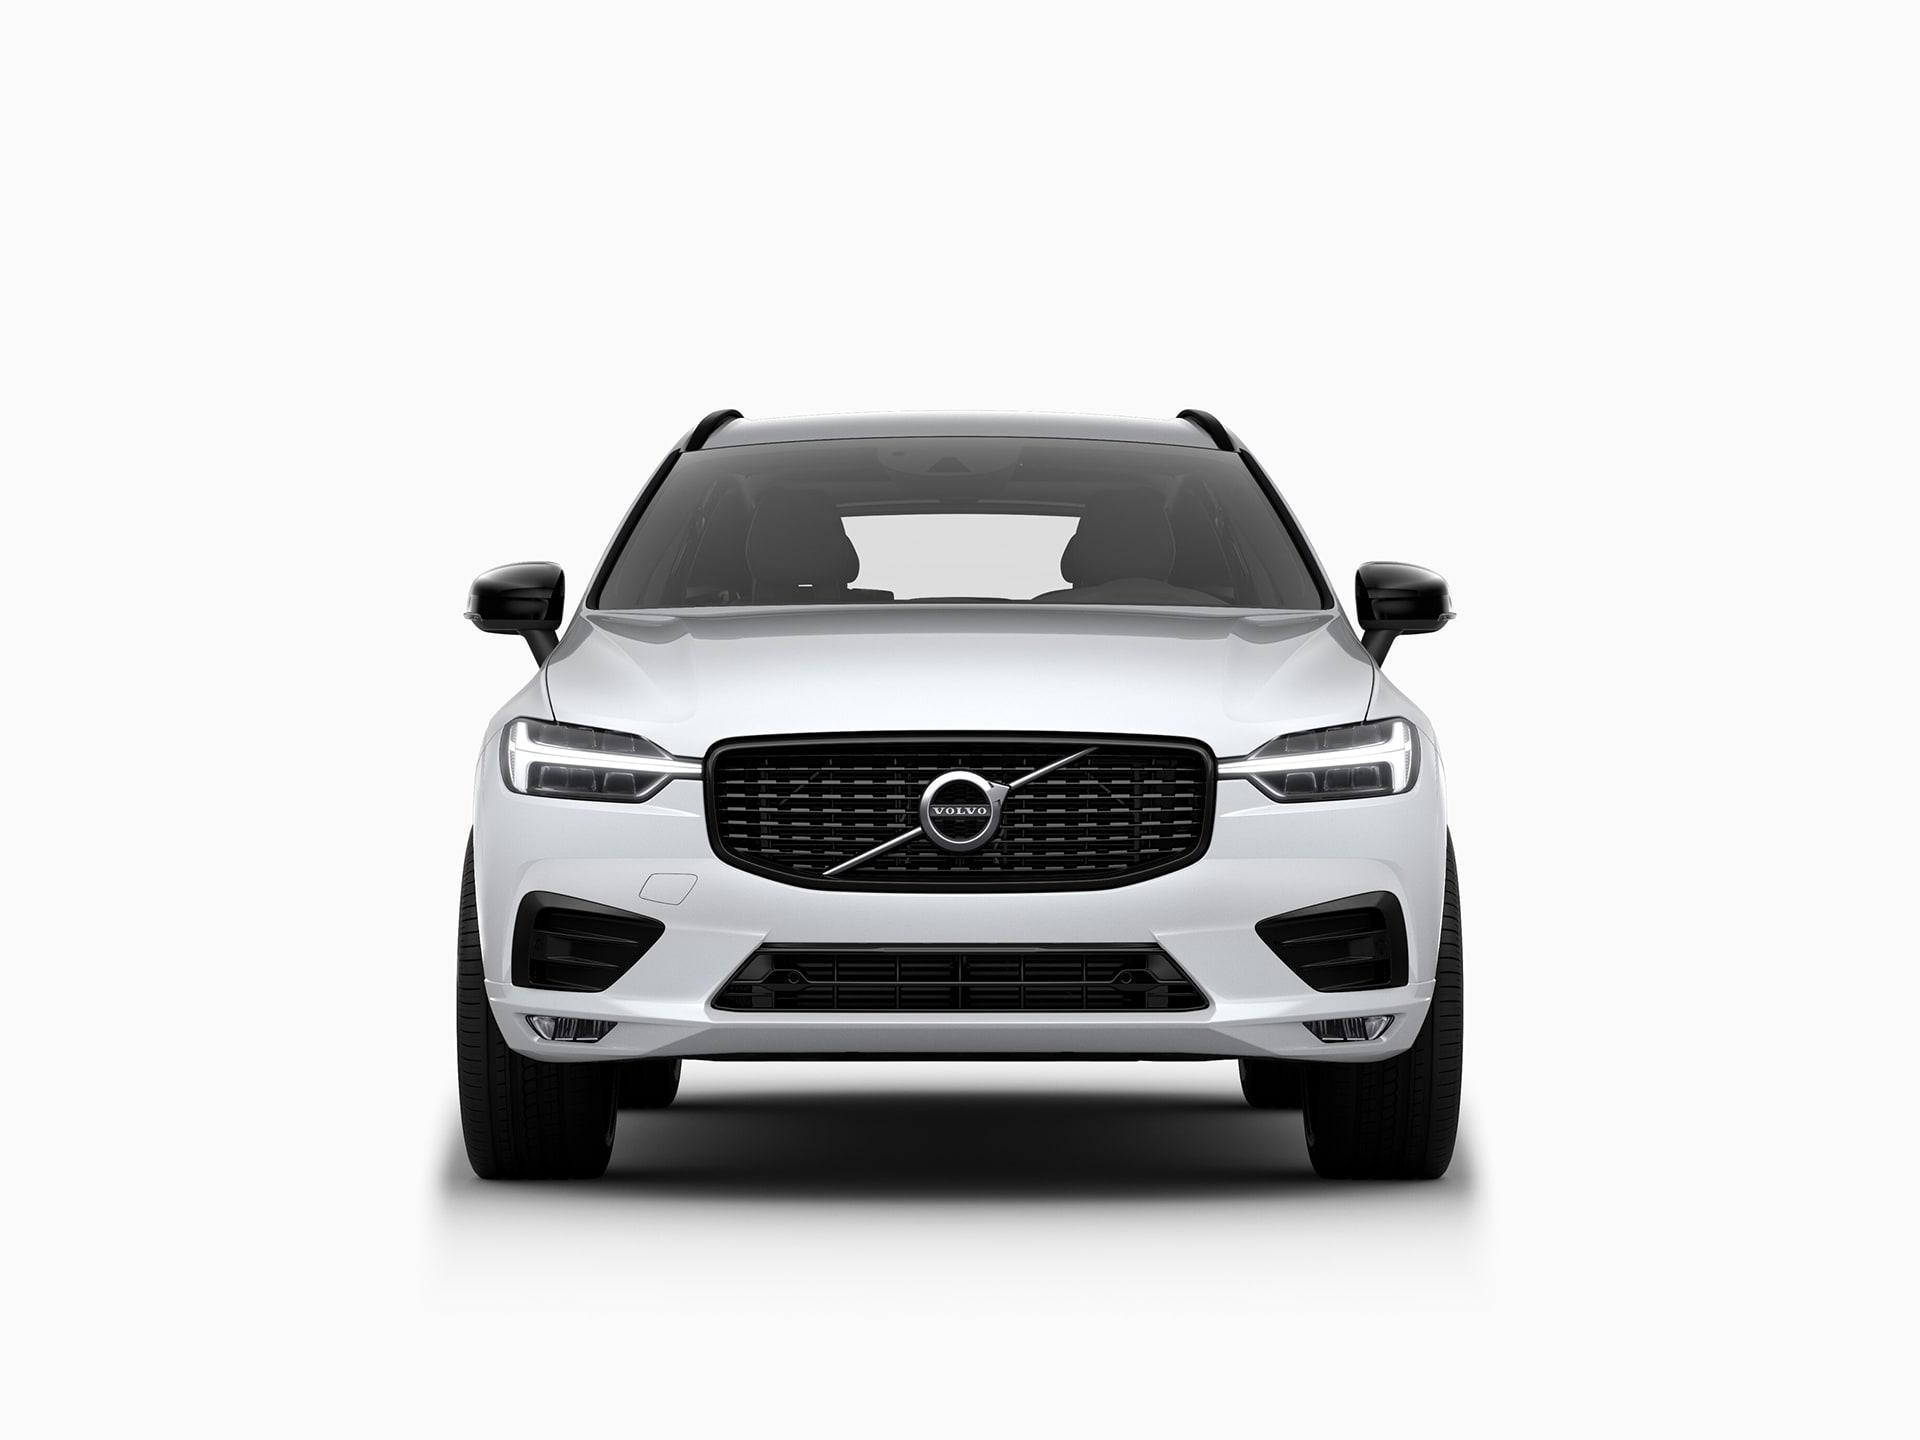 Die Frontansicht des Volvo XC60.